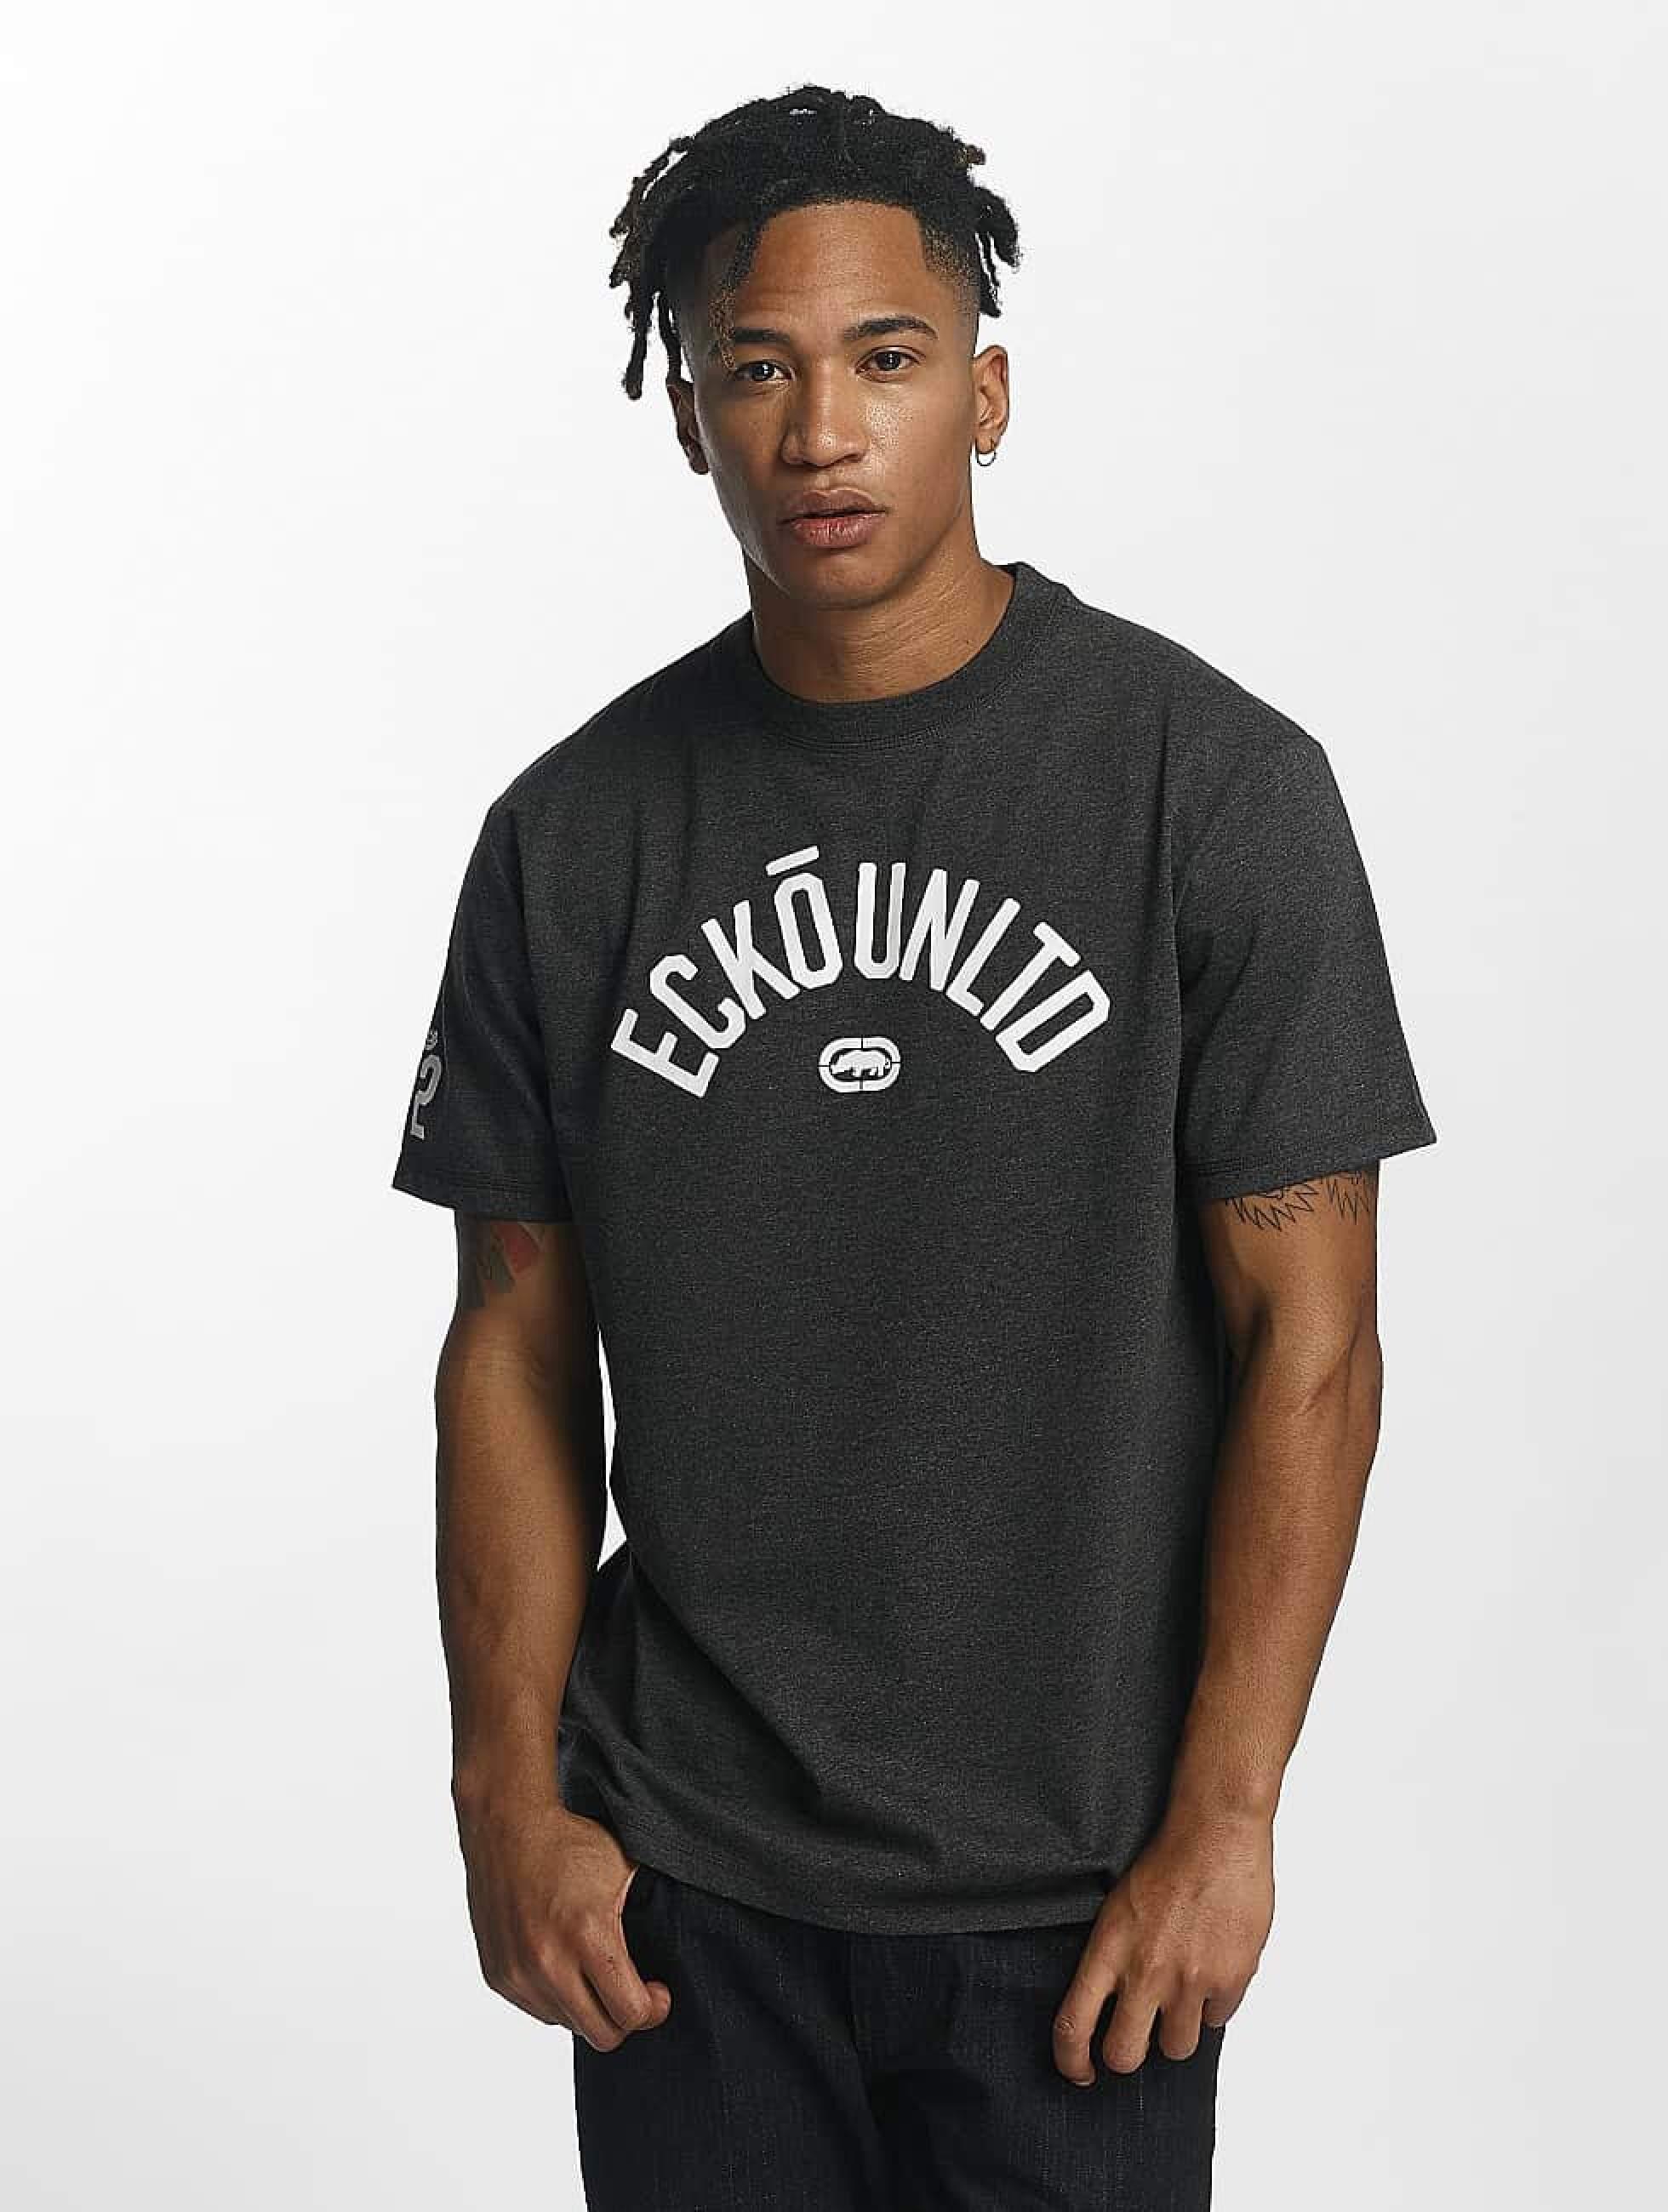 Ecko Unltd. / T-Shirt Base in grey XL